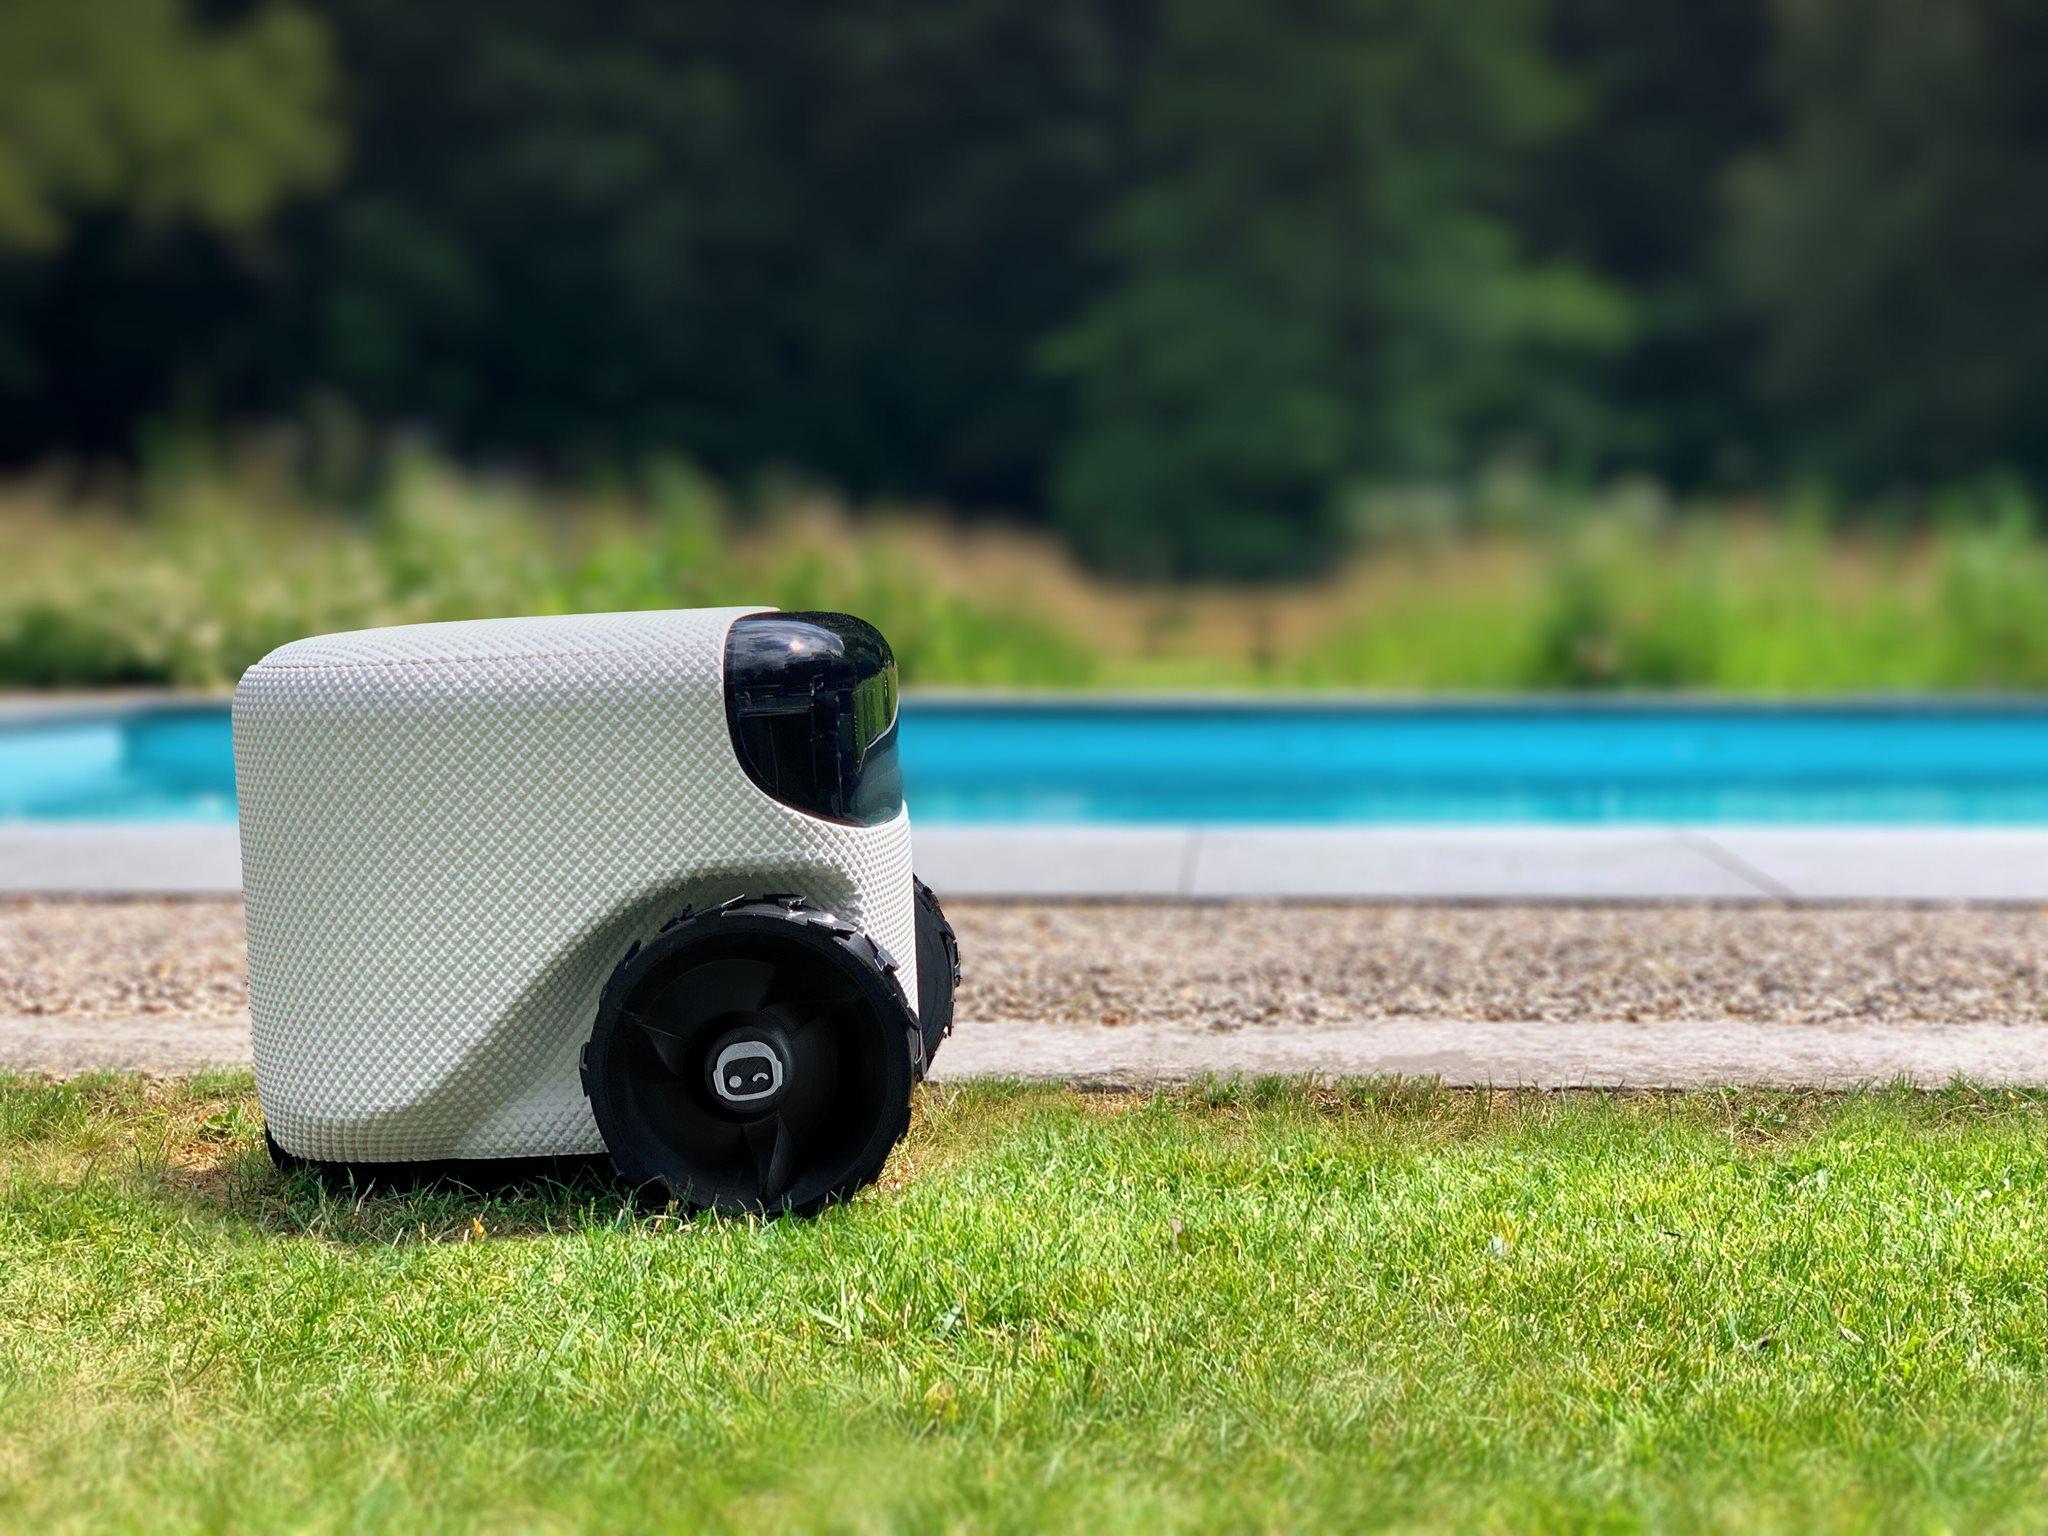 Le robot gazon Toadi sur Kickstarter